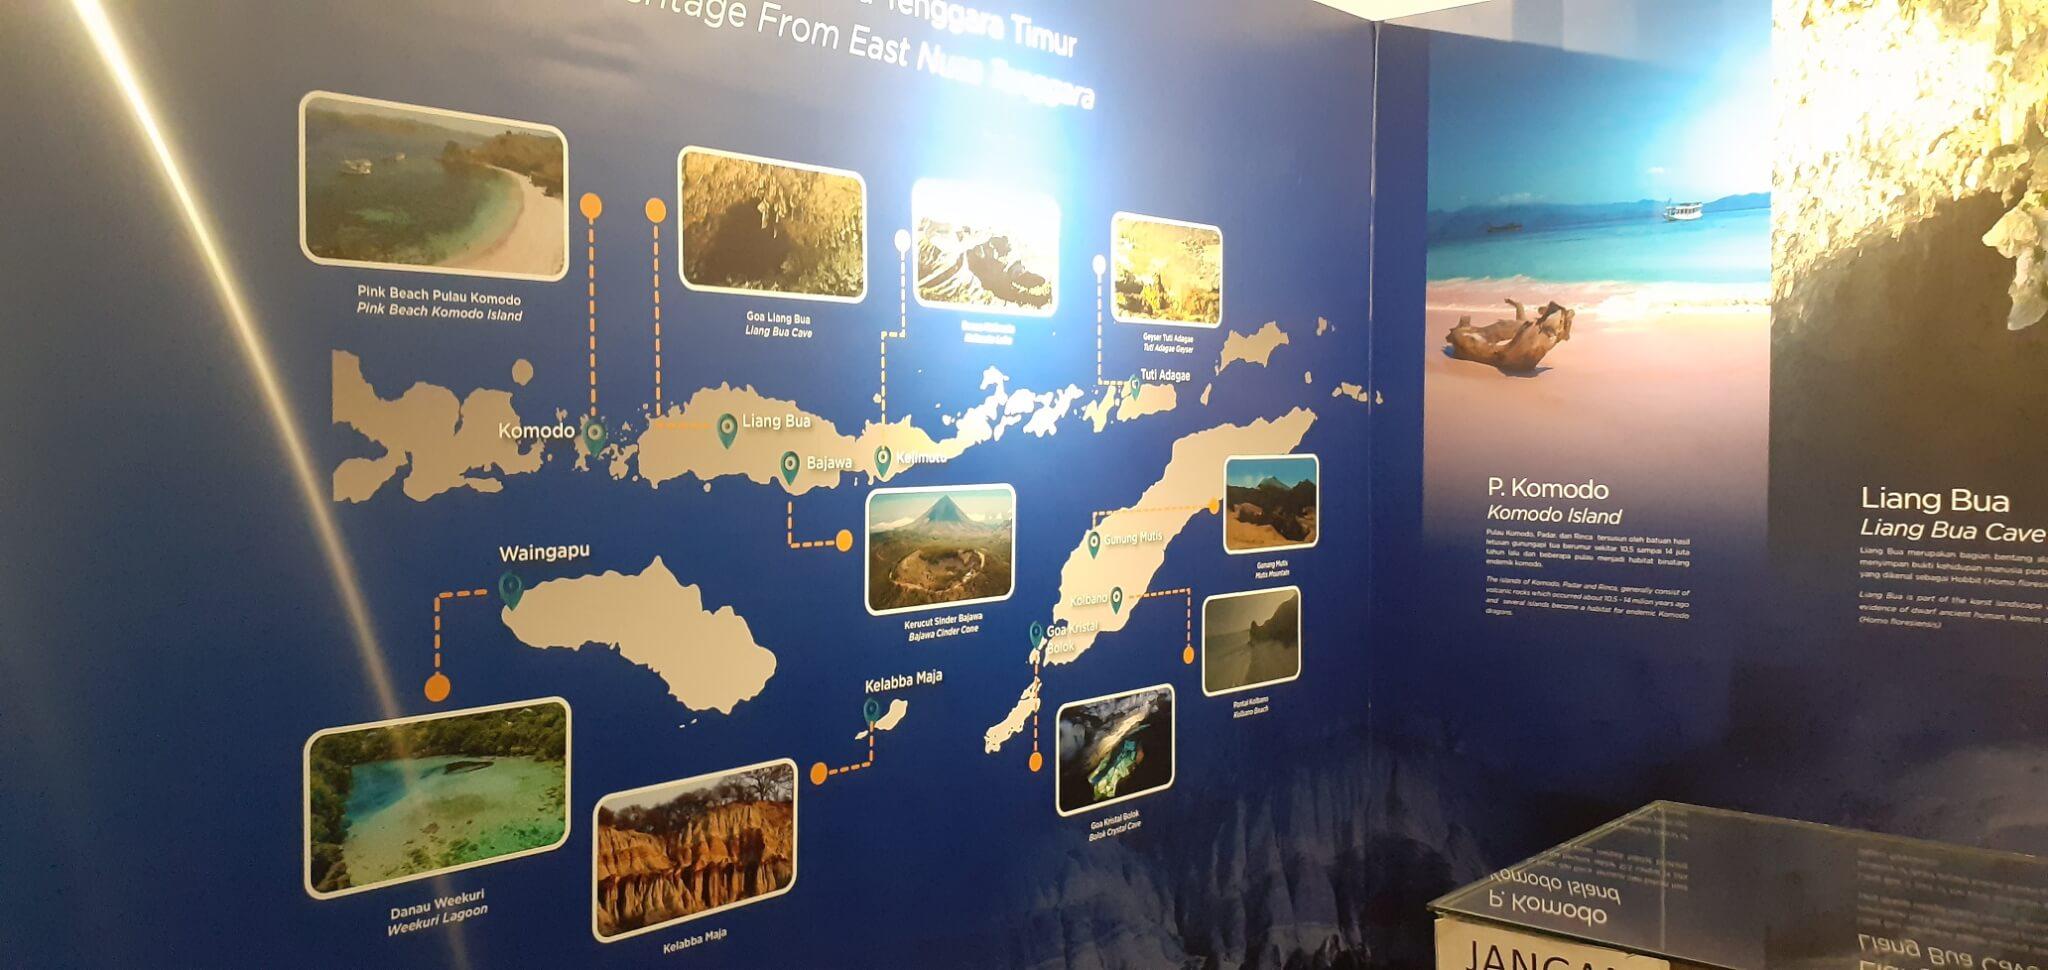 Salah satu Infografis di dalam Pusat Informasi Geologi